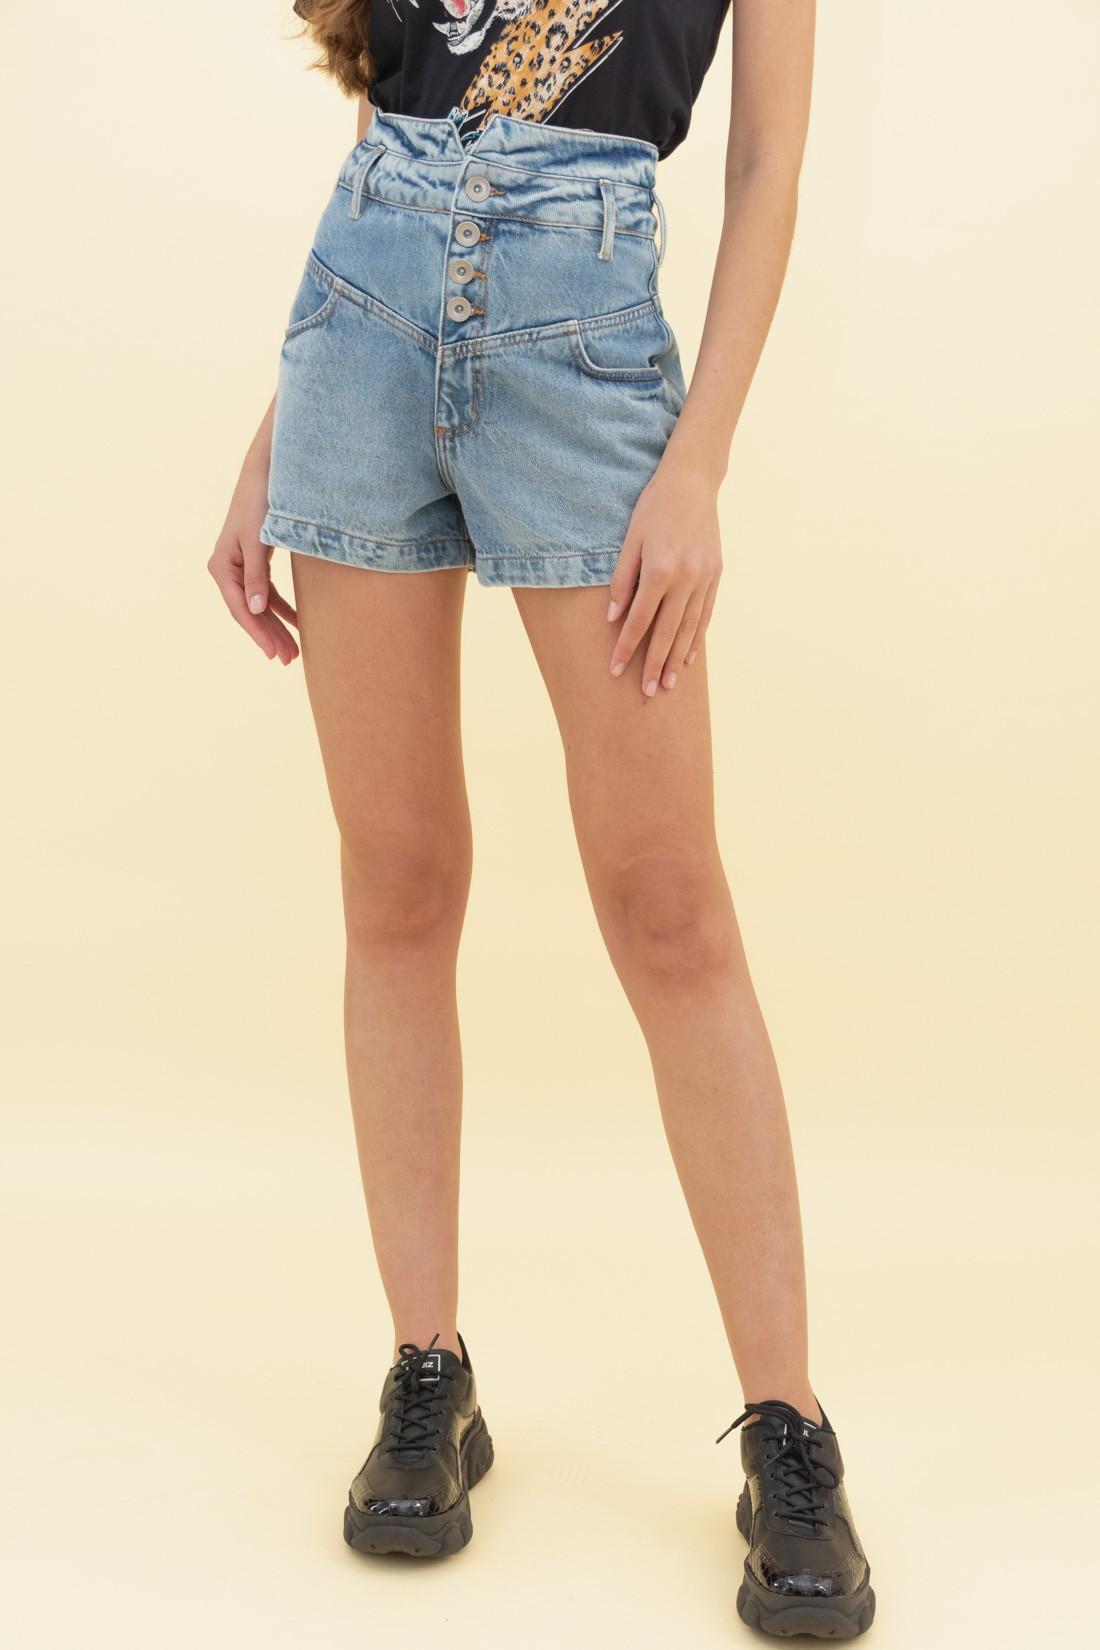 Shorts Jeans Colcci Pink